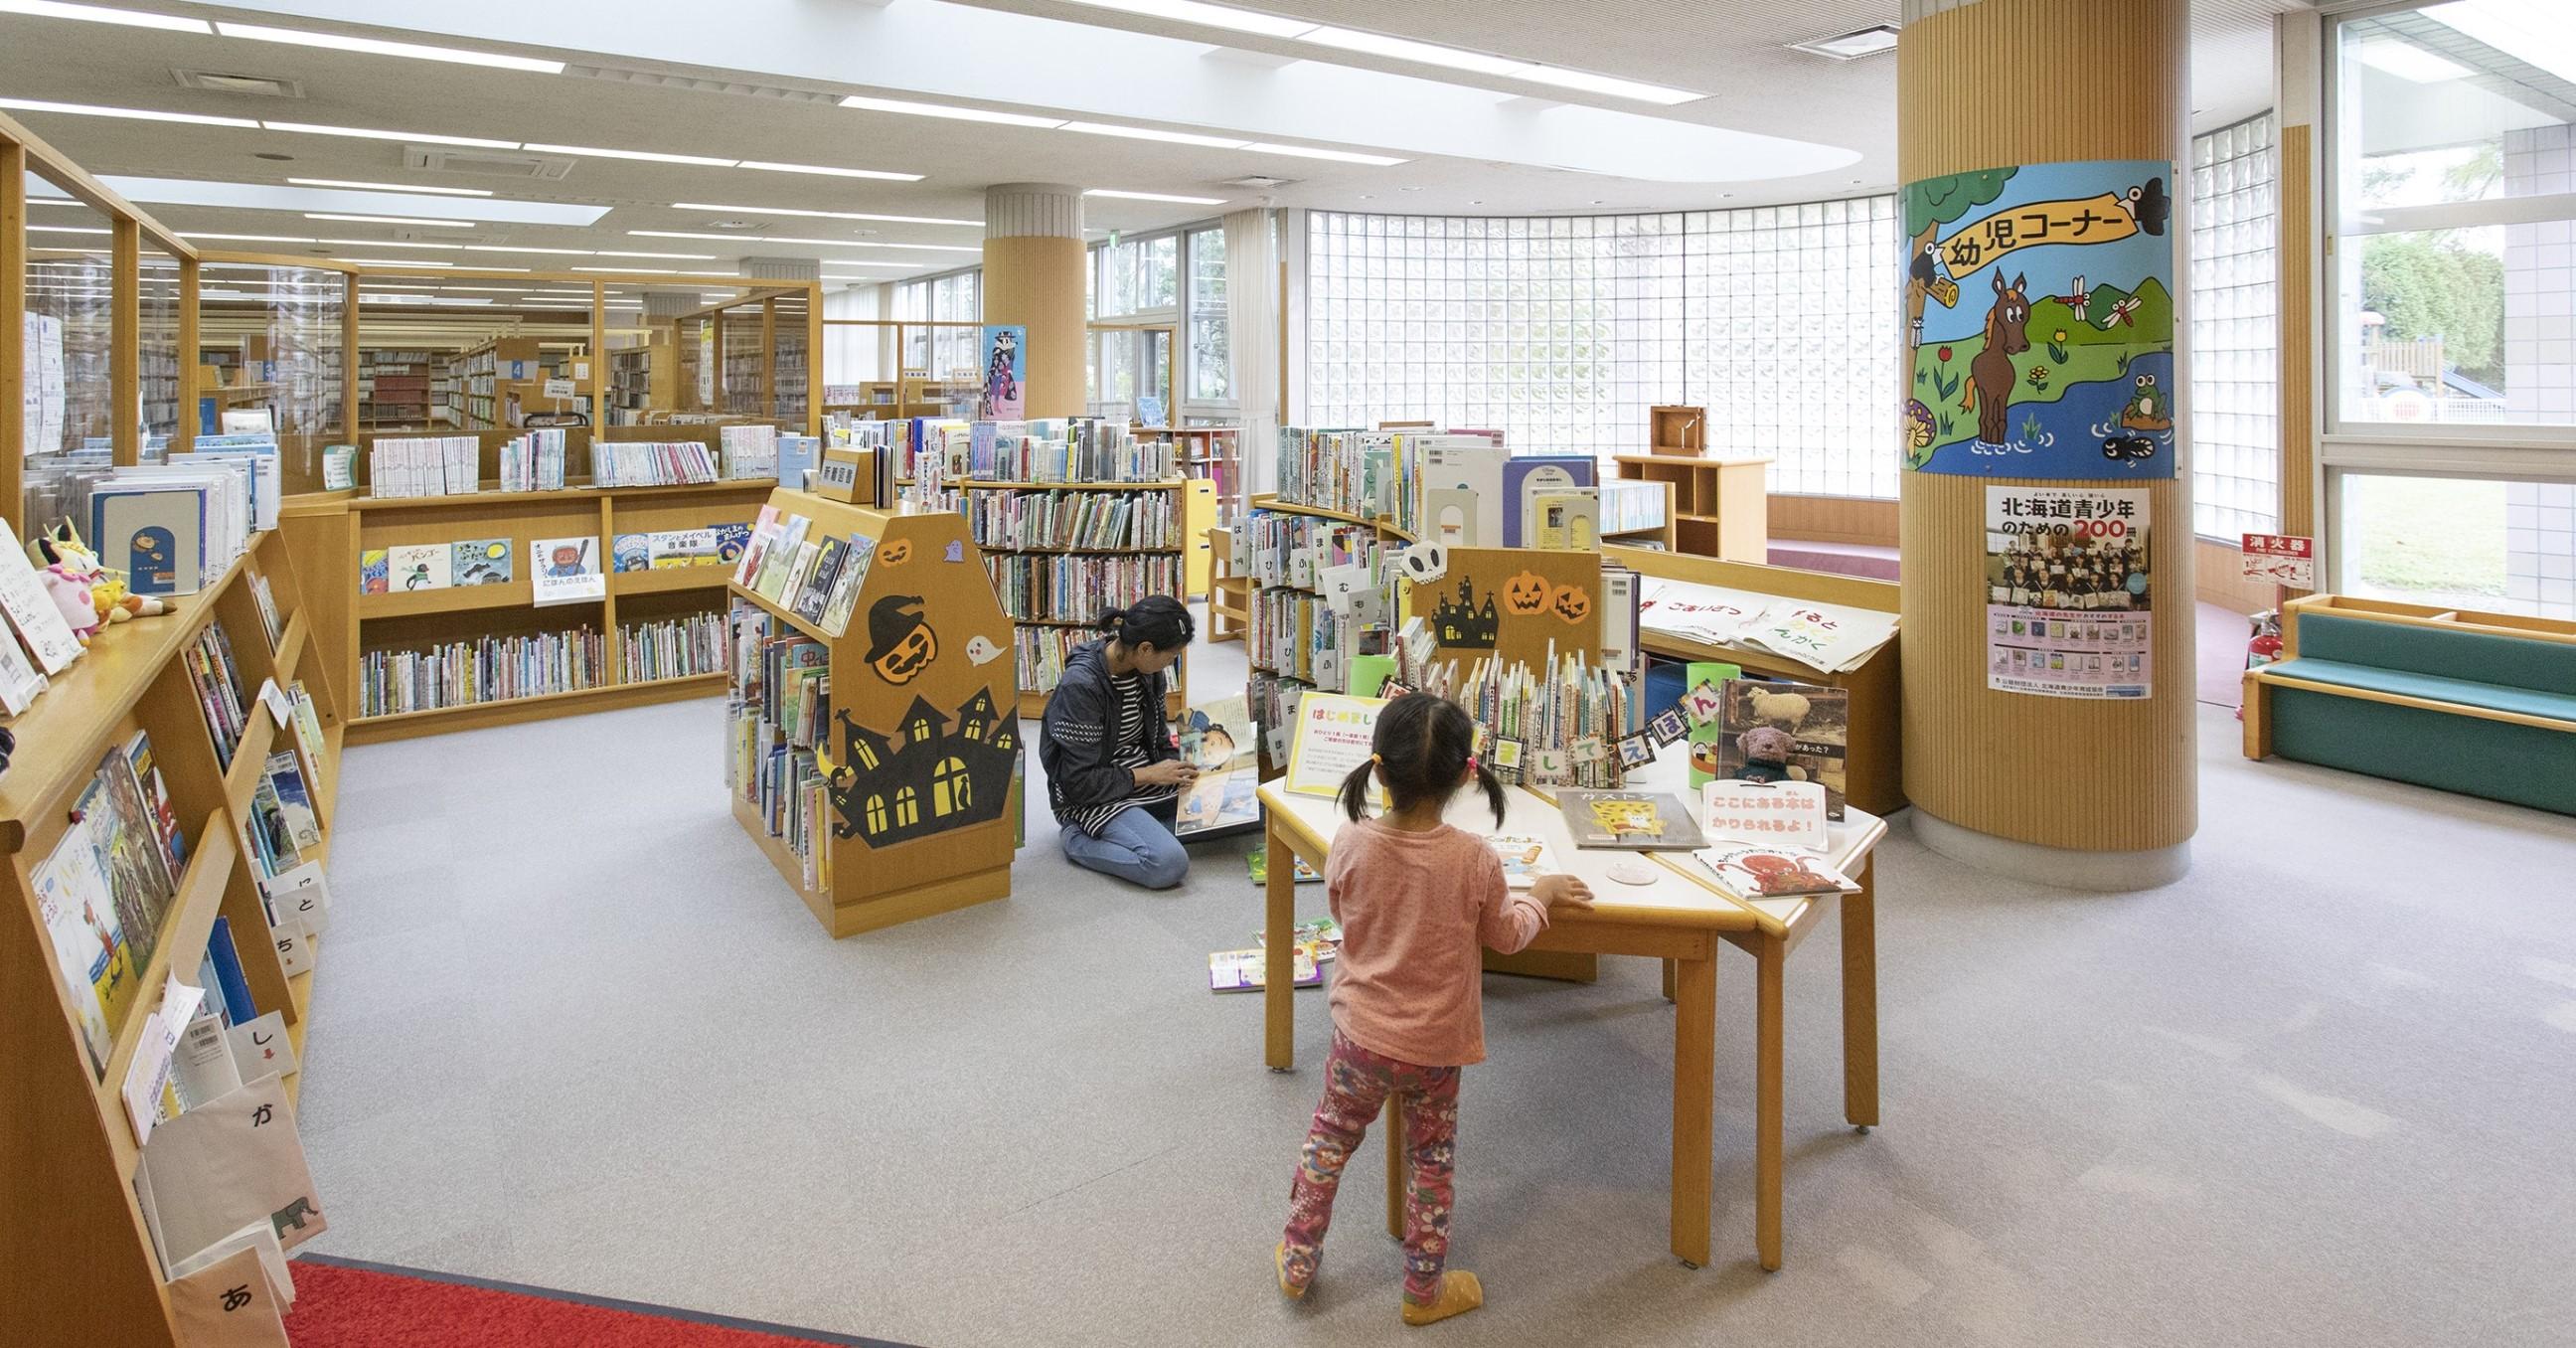 約16万冊の蔵書がある栗山町図書館。キッズスペースも充実。